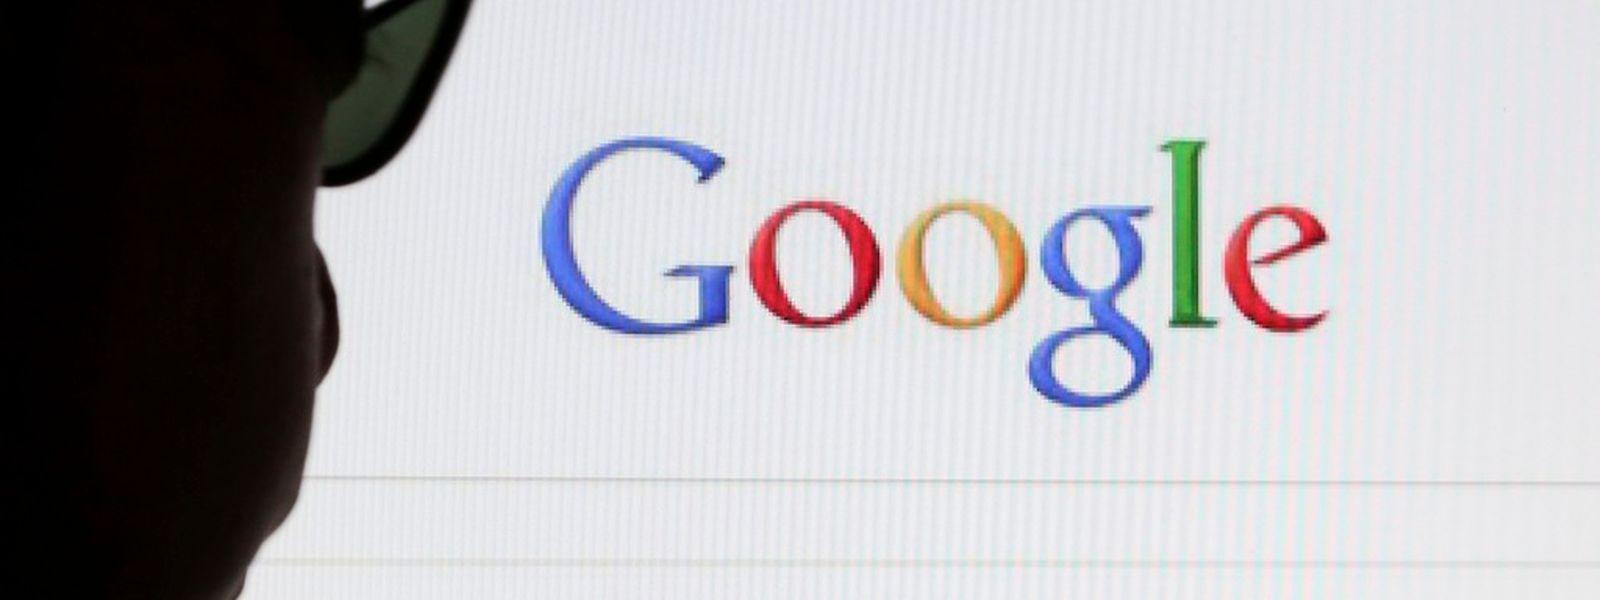 Google ist die beliebteste Internetsuchmaschine weltweit.